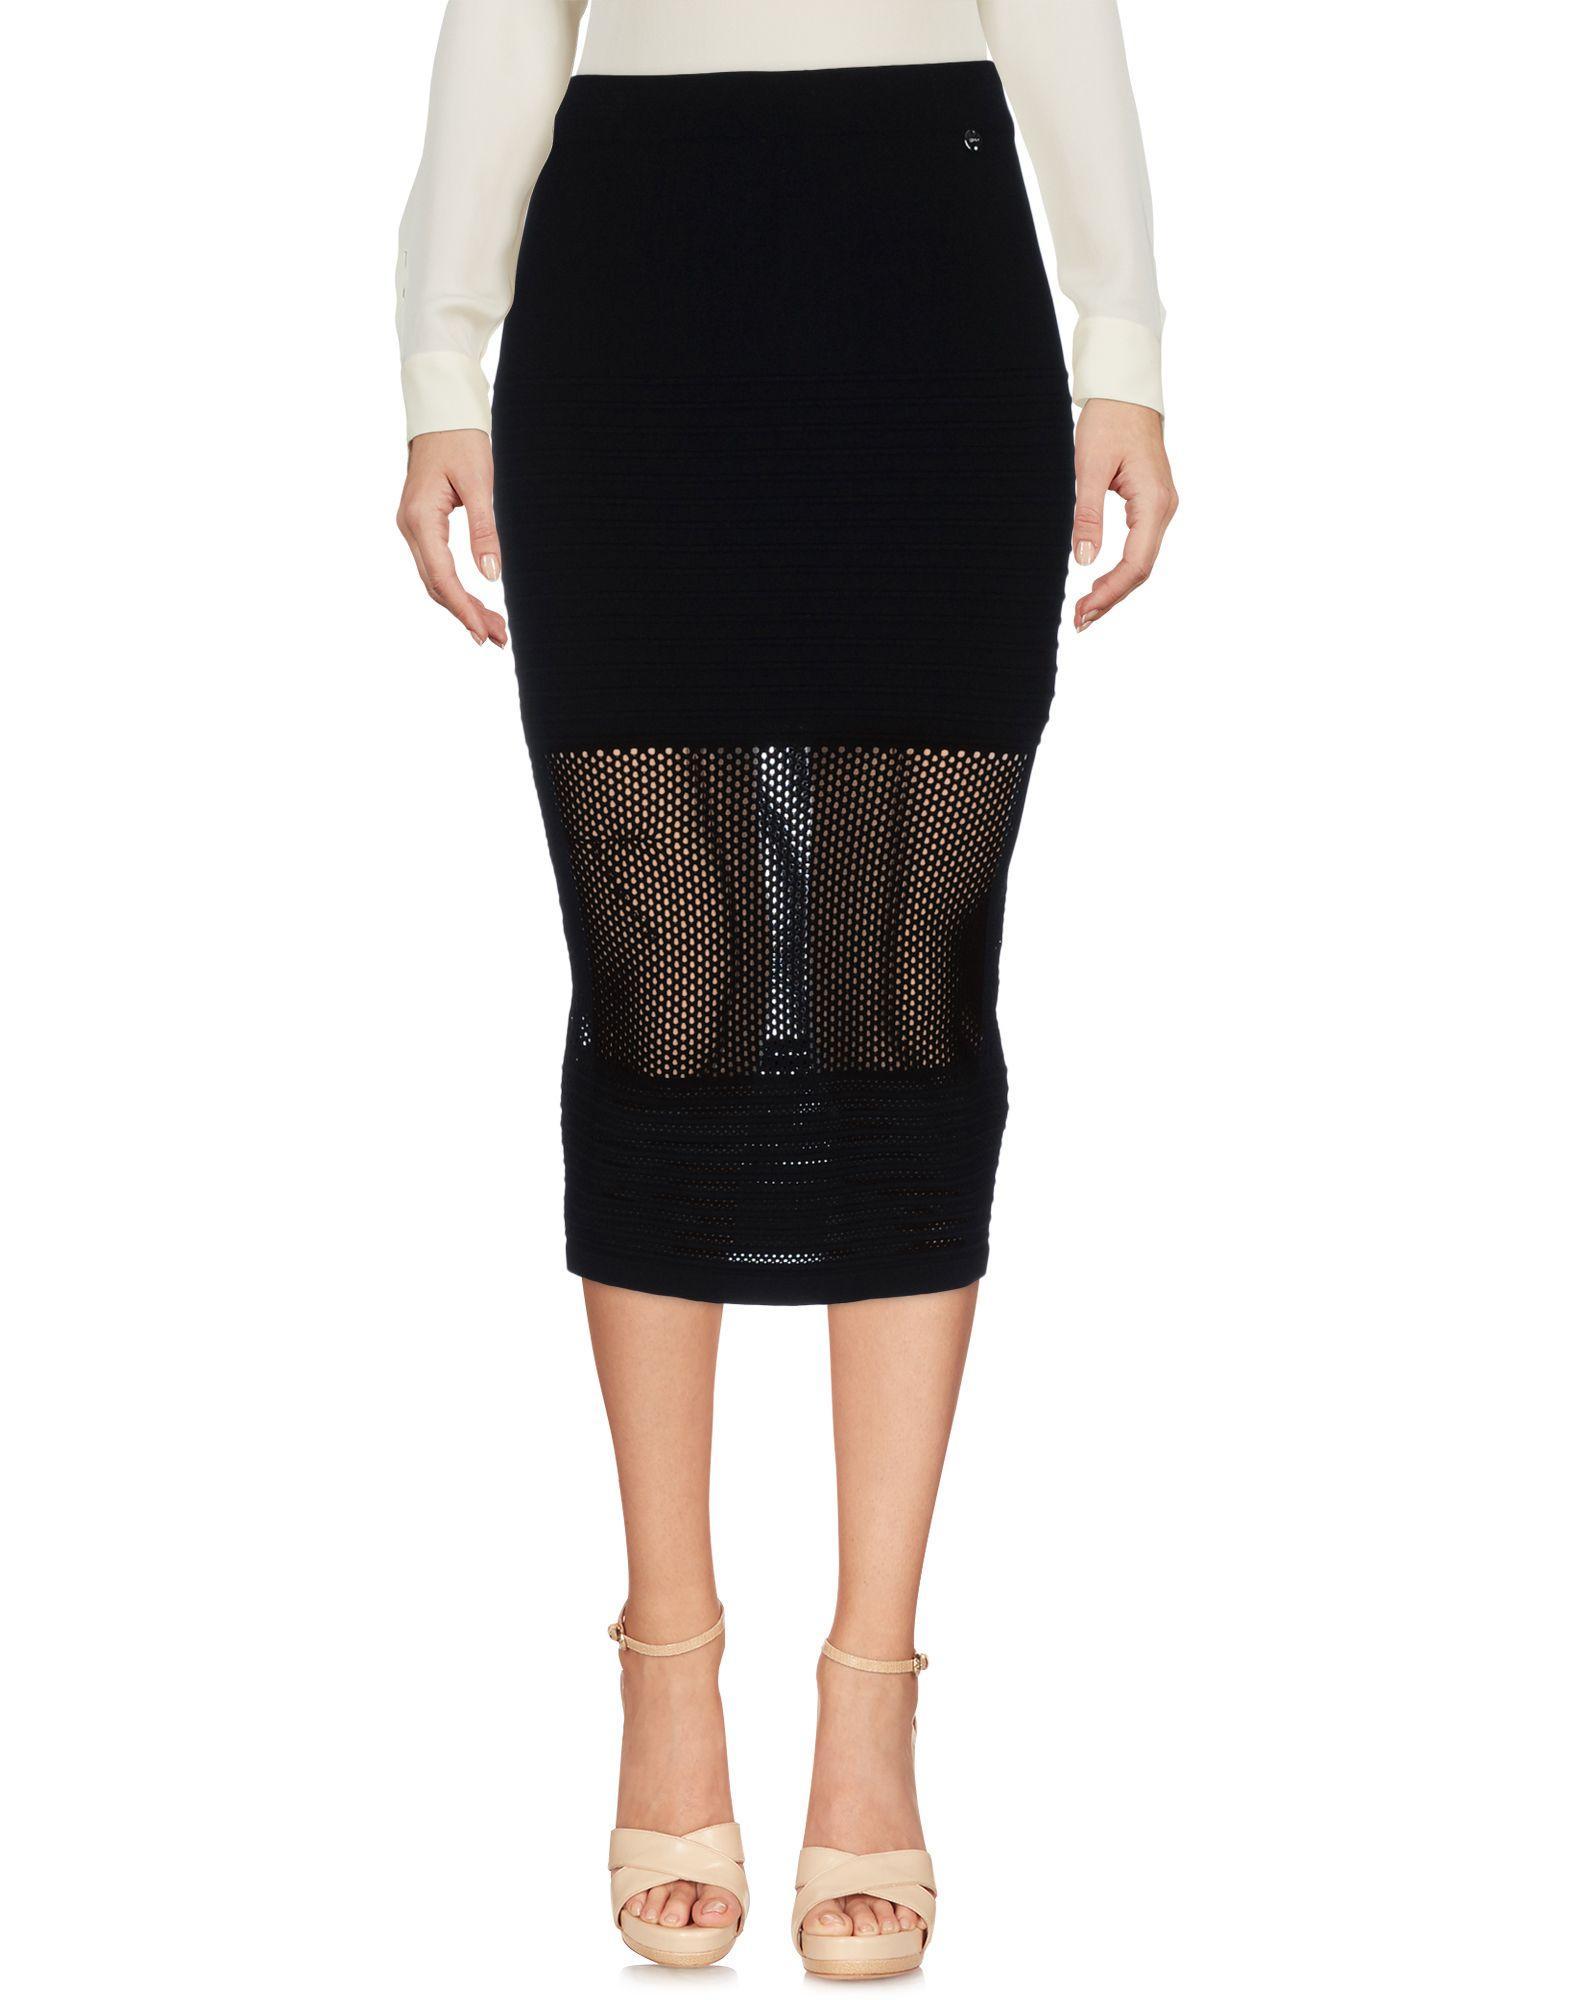 Liu •jo 3/4 Length Skirts In Black